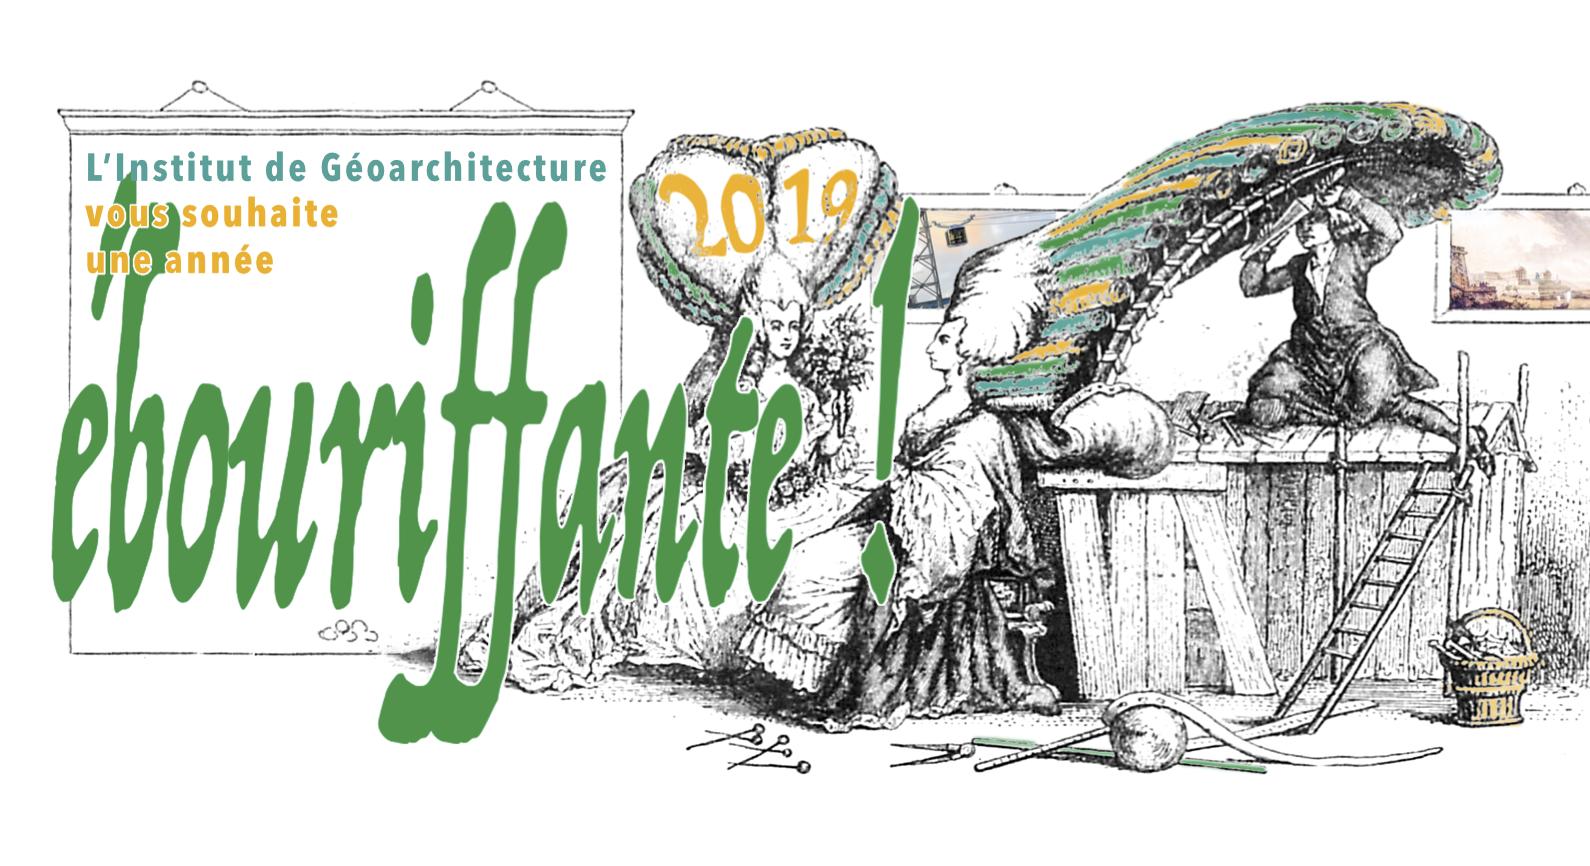 L'Institut de Géoarchitecture vous souhaite une année ébouriffante